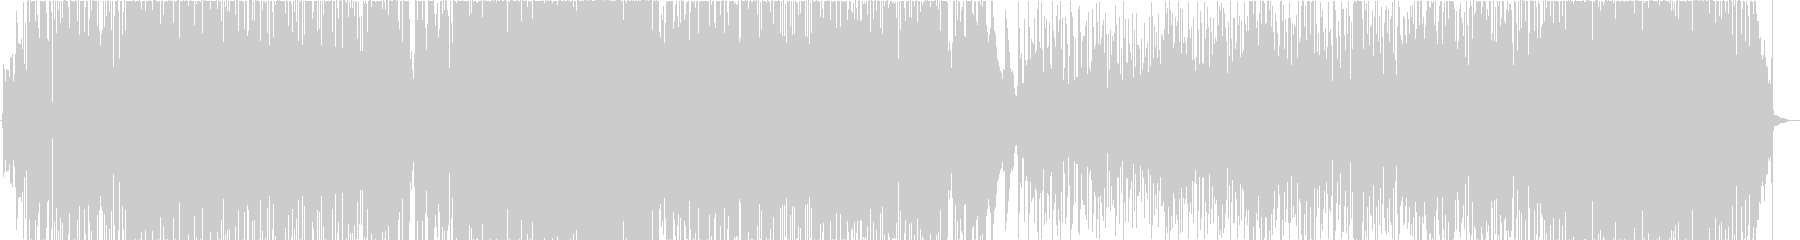 ケルト風ポップインストの未再生の波形